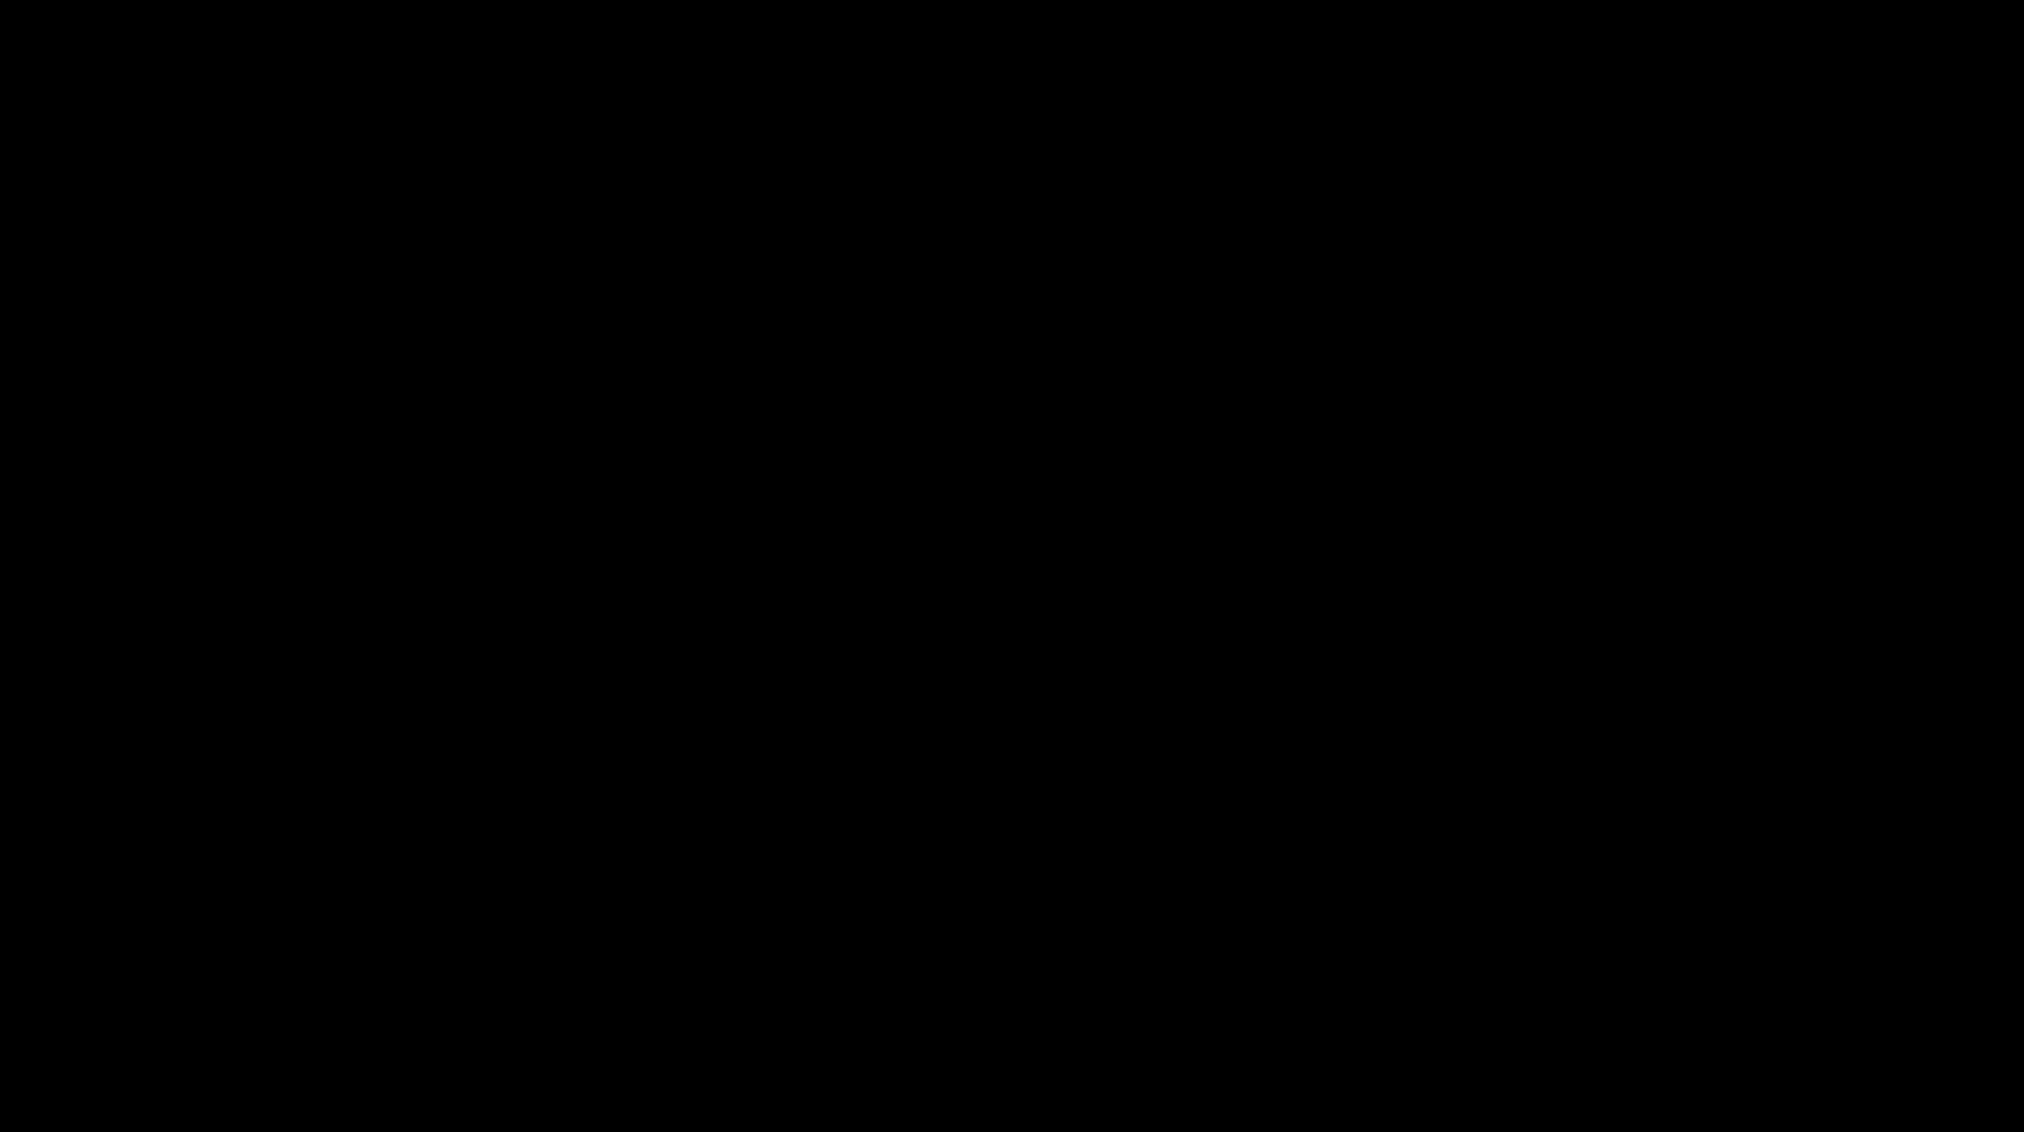 Blackfin BF795 HAMLET